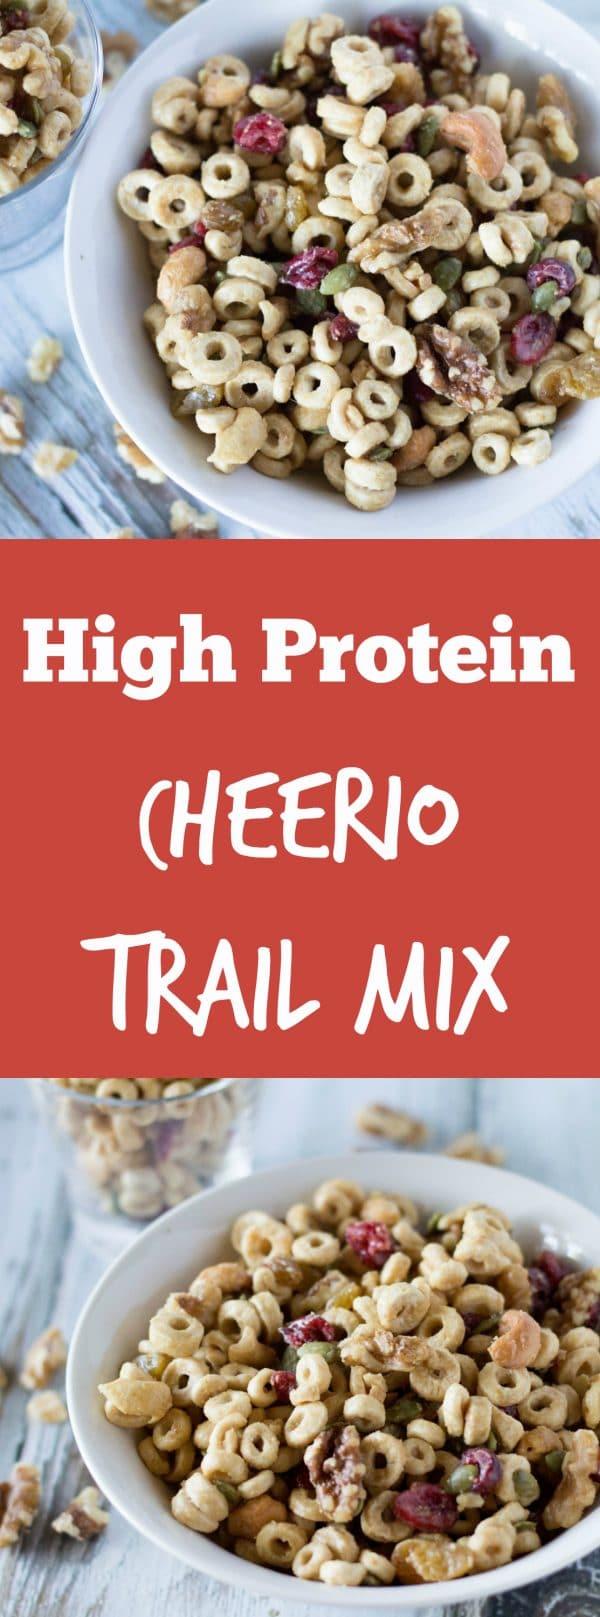 High Protein Cheerio Trail Mix  Krollskorner.com